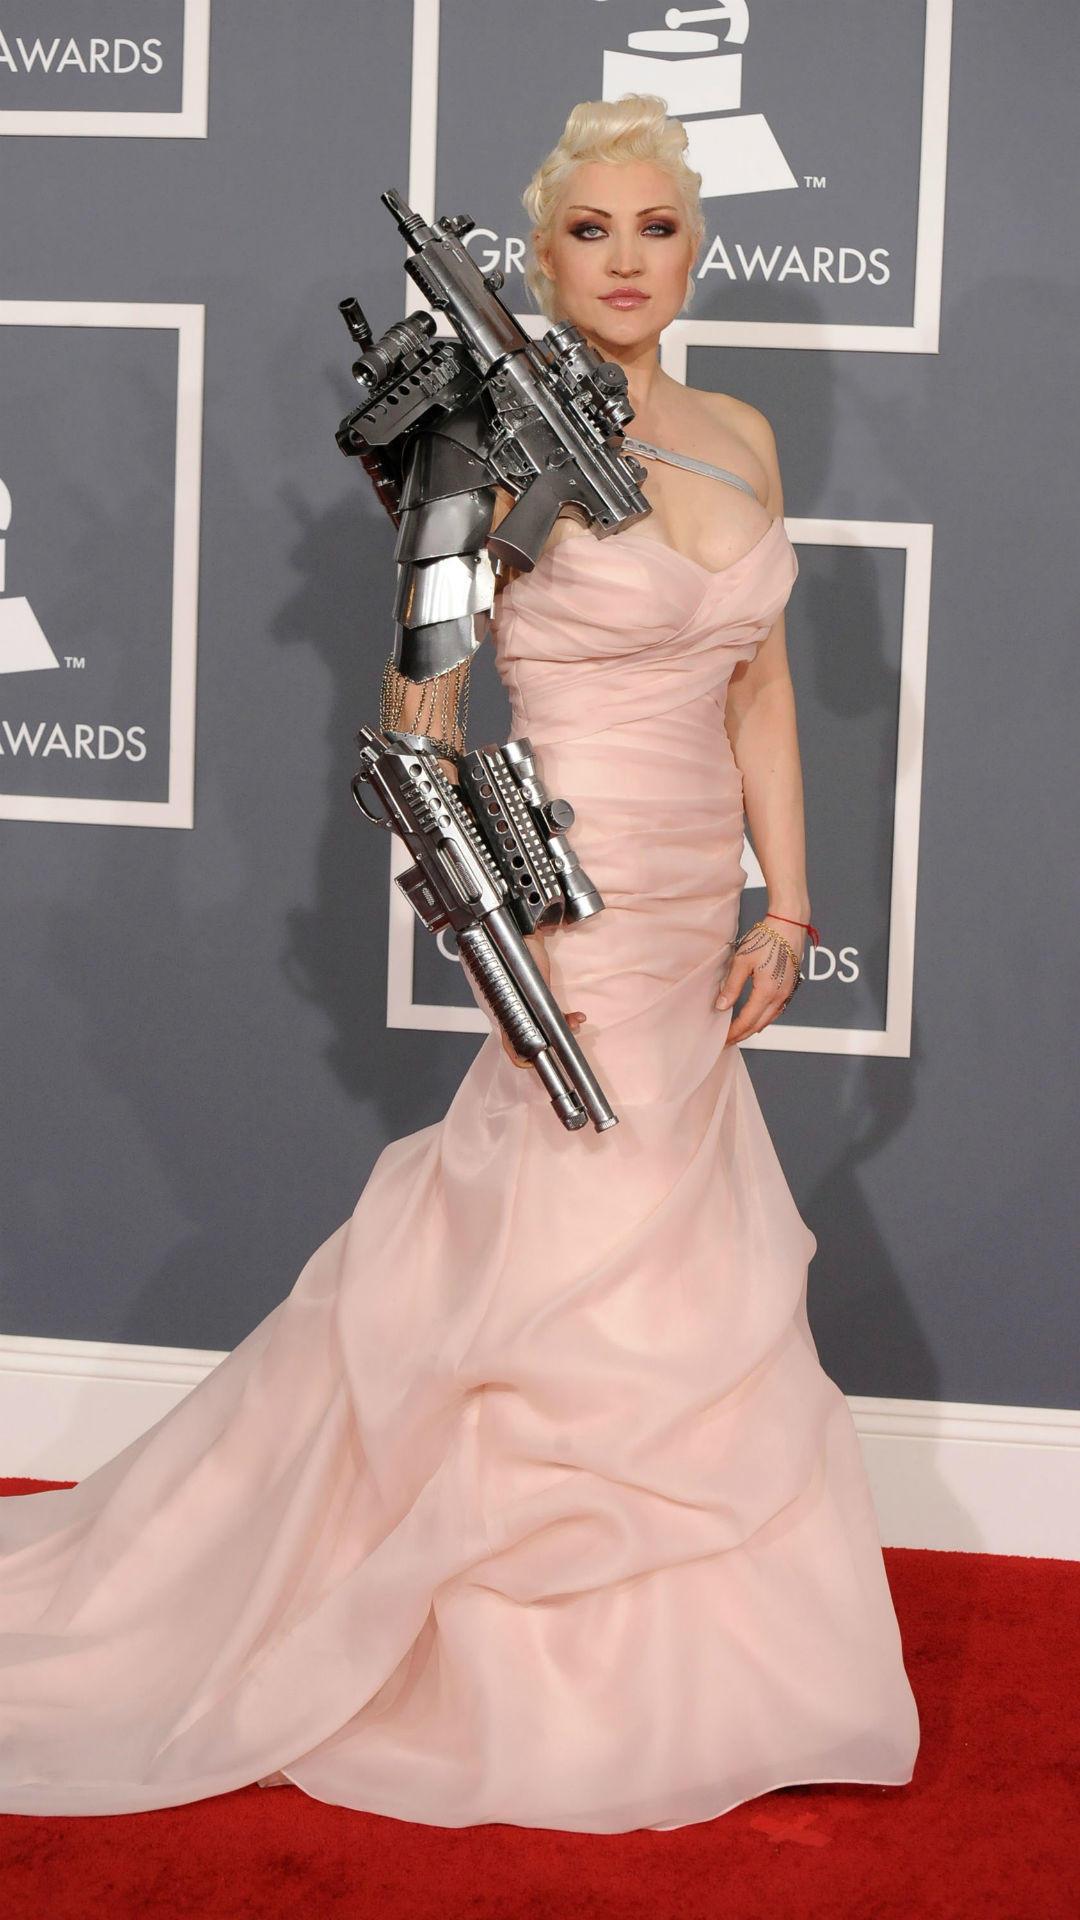 Asombroso Vestido De Fiesta De Miley Cyrus Adorno - Colección de ...